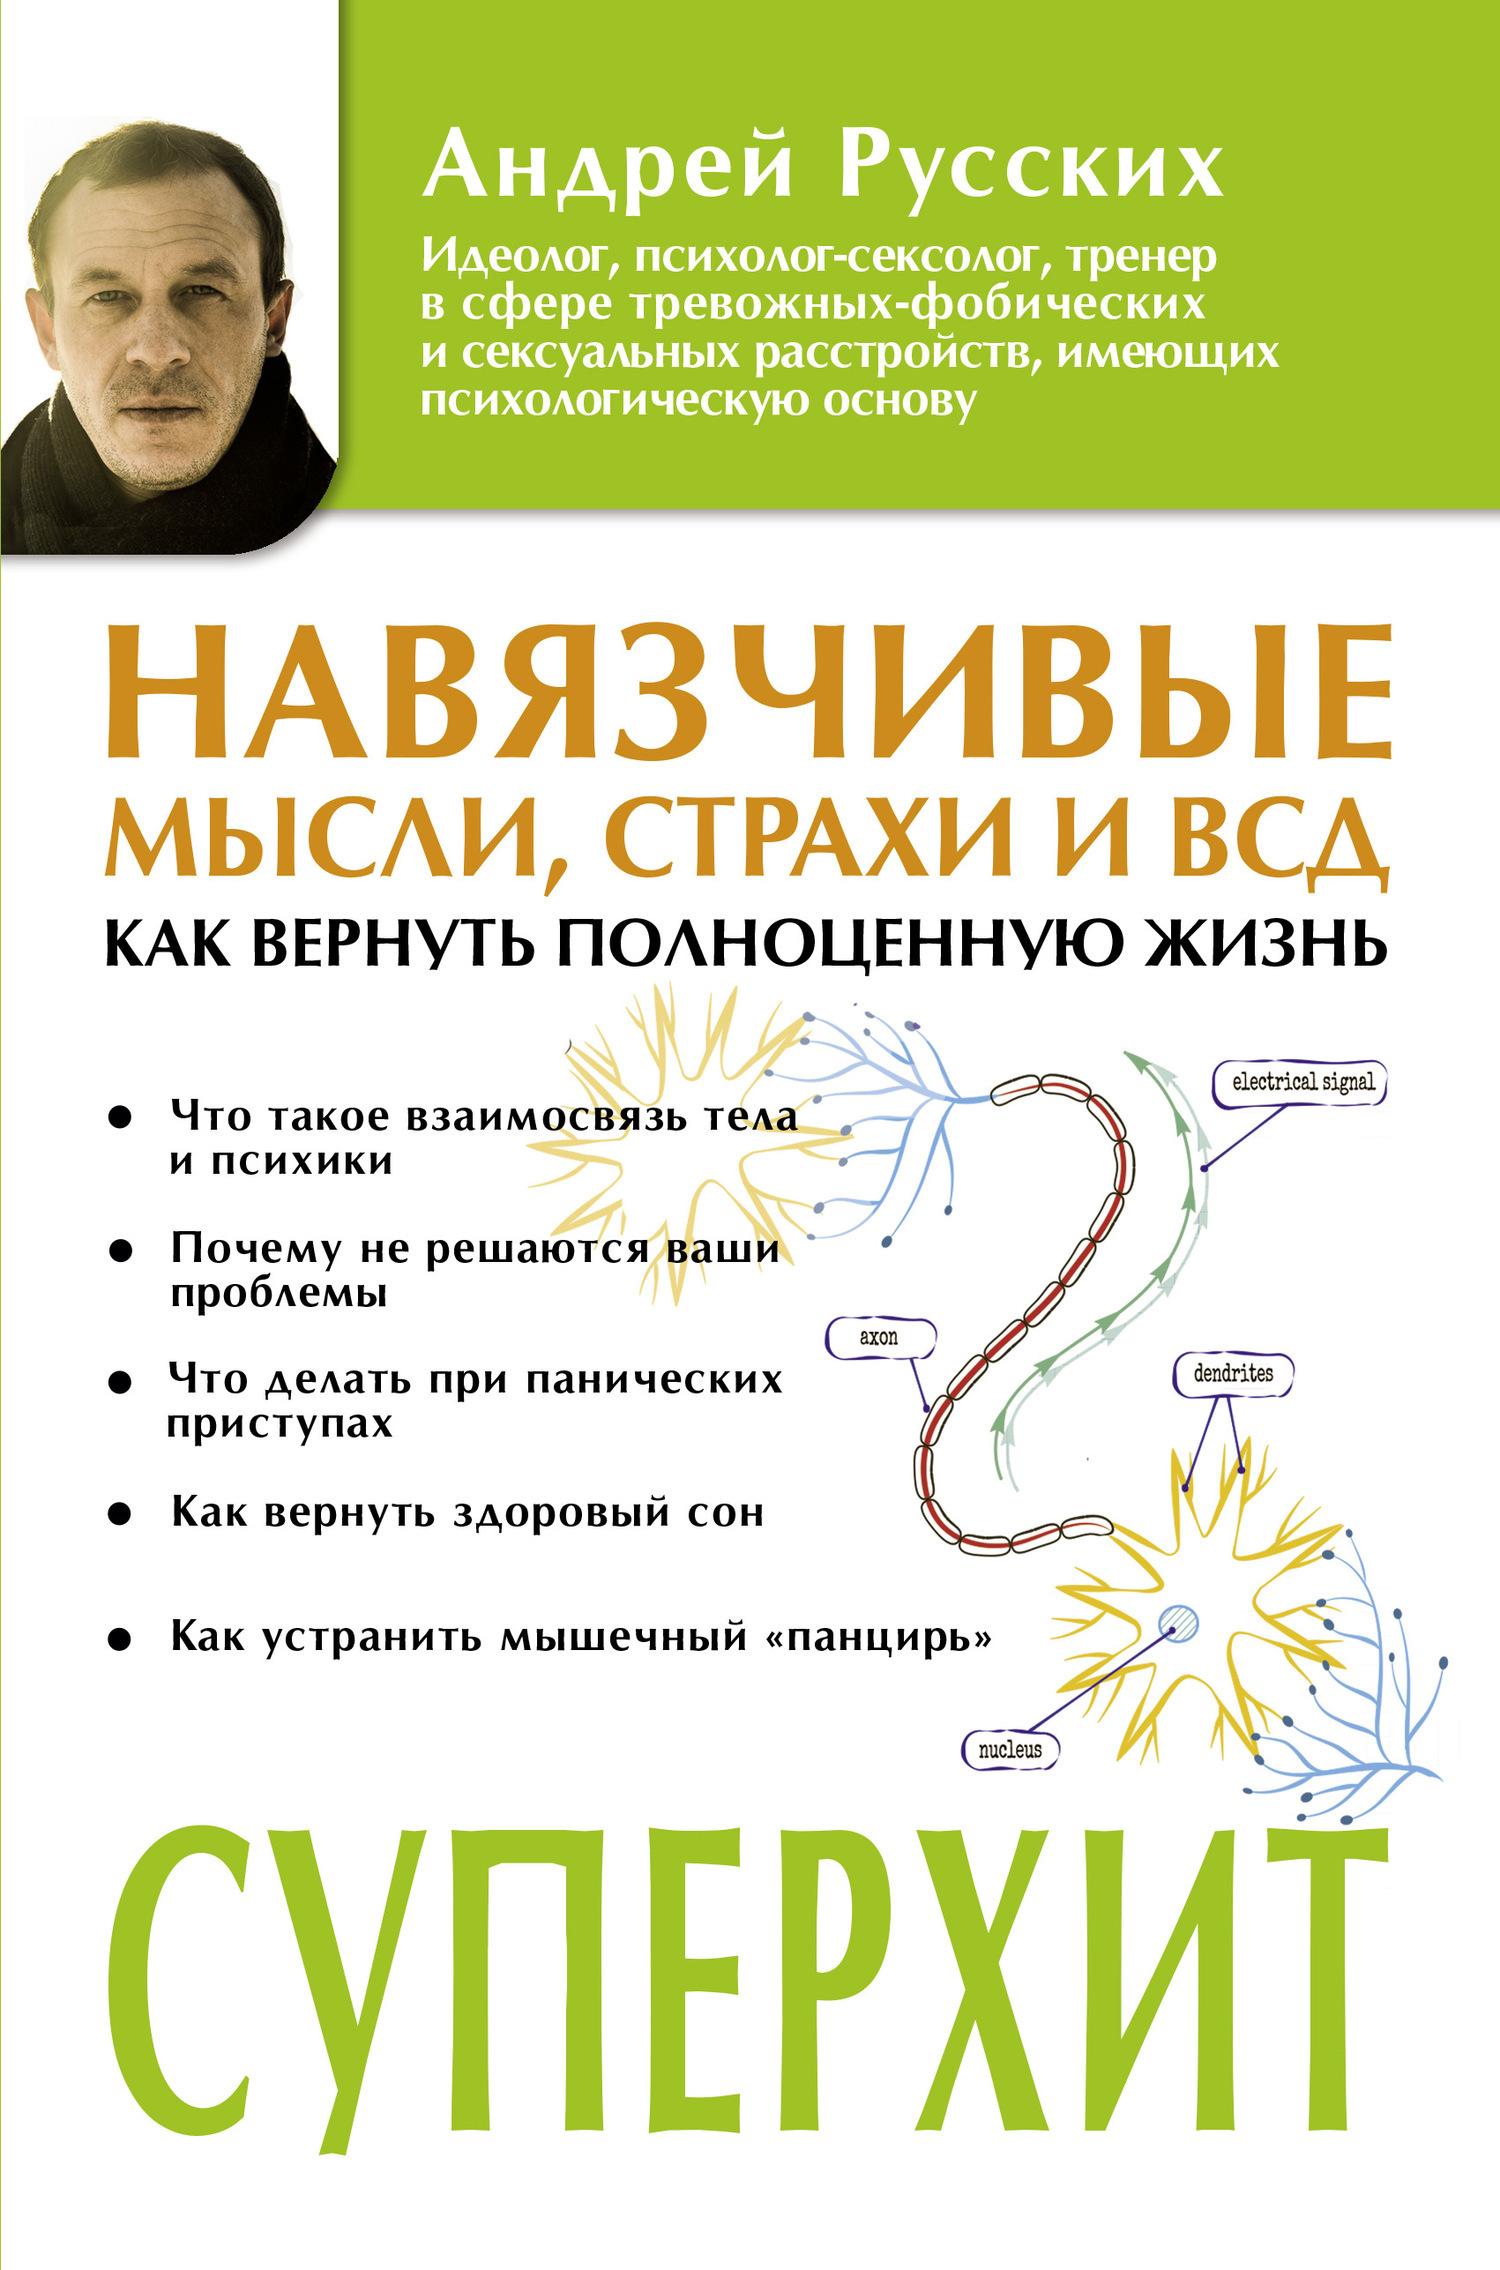 Андрей Русских - Навязчивые мысли, страхи иВСД. Как вернуть полноценную жизнь